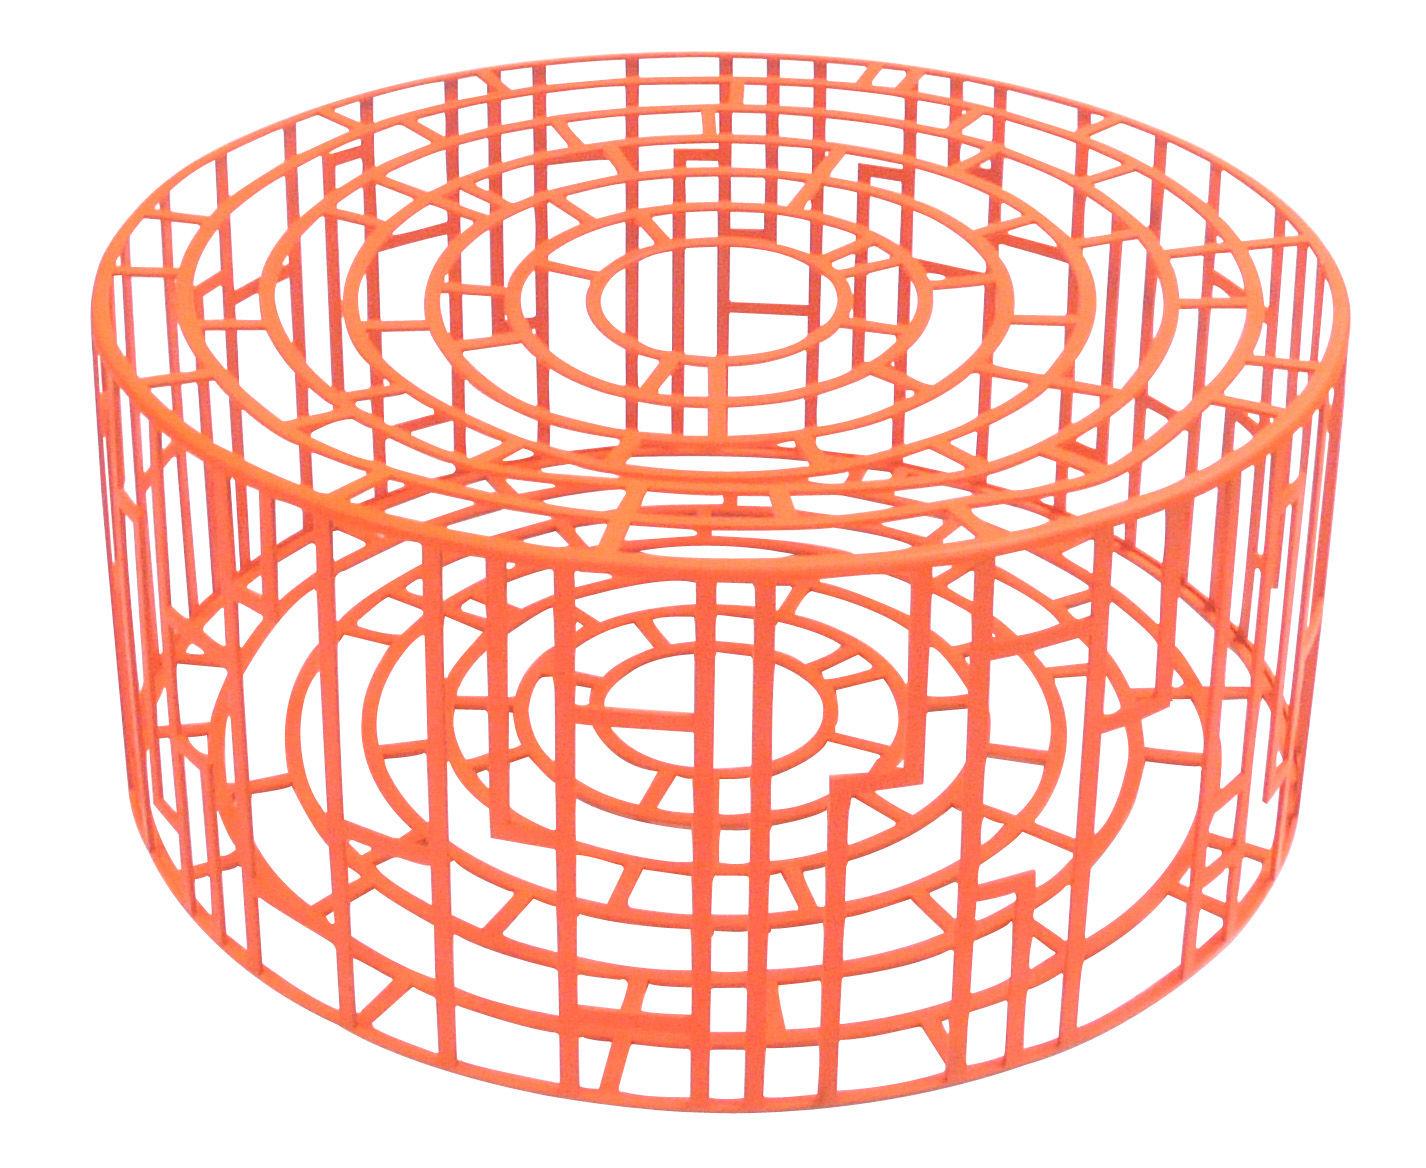 Mobilier - Tables basses - Pouf Kub Ø 65 cm x H 28 cm - Moroso - Rouge - Acier verni